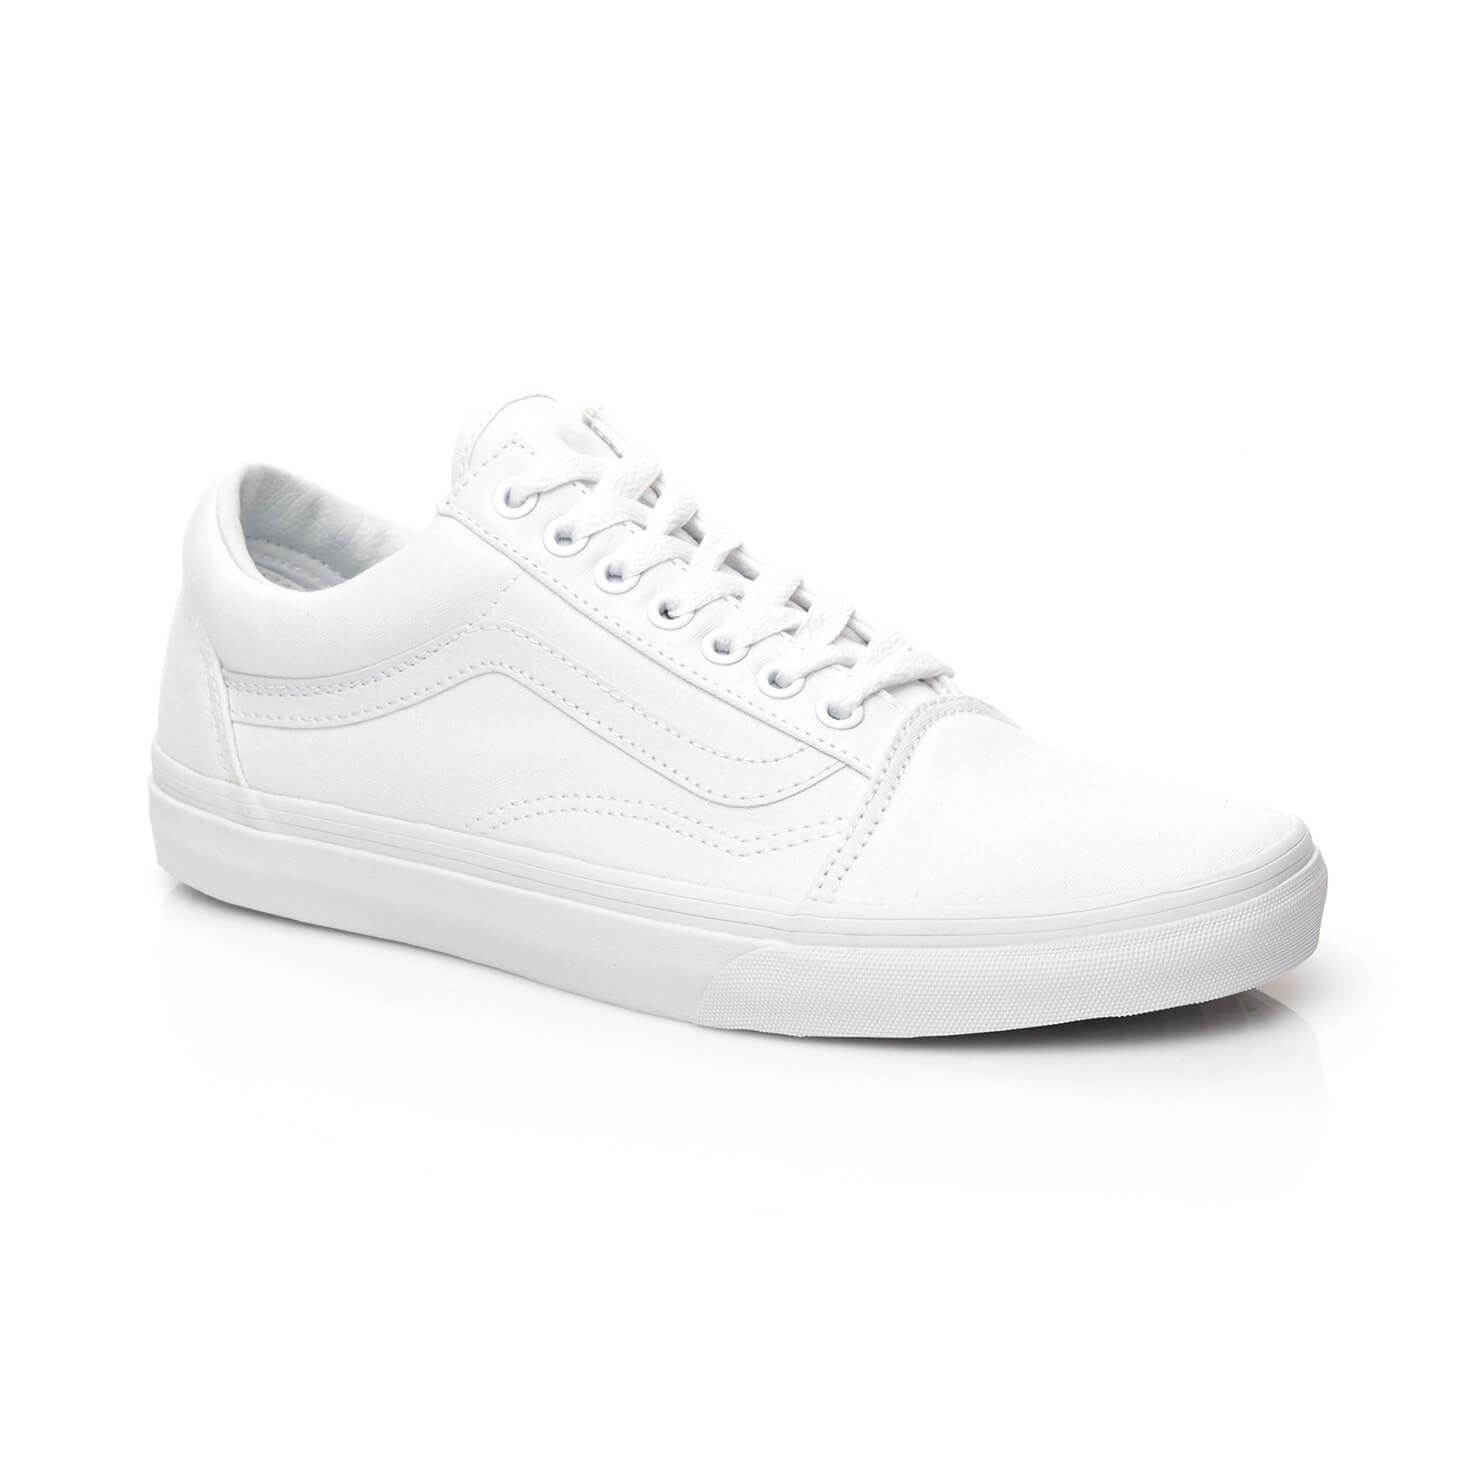 9b3f489ea5336e Vans Ua Old Skool Unisex Beyaz Sneaker Kadin Sneaker 3150198